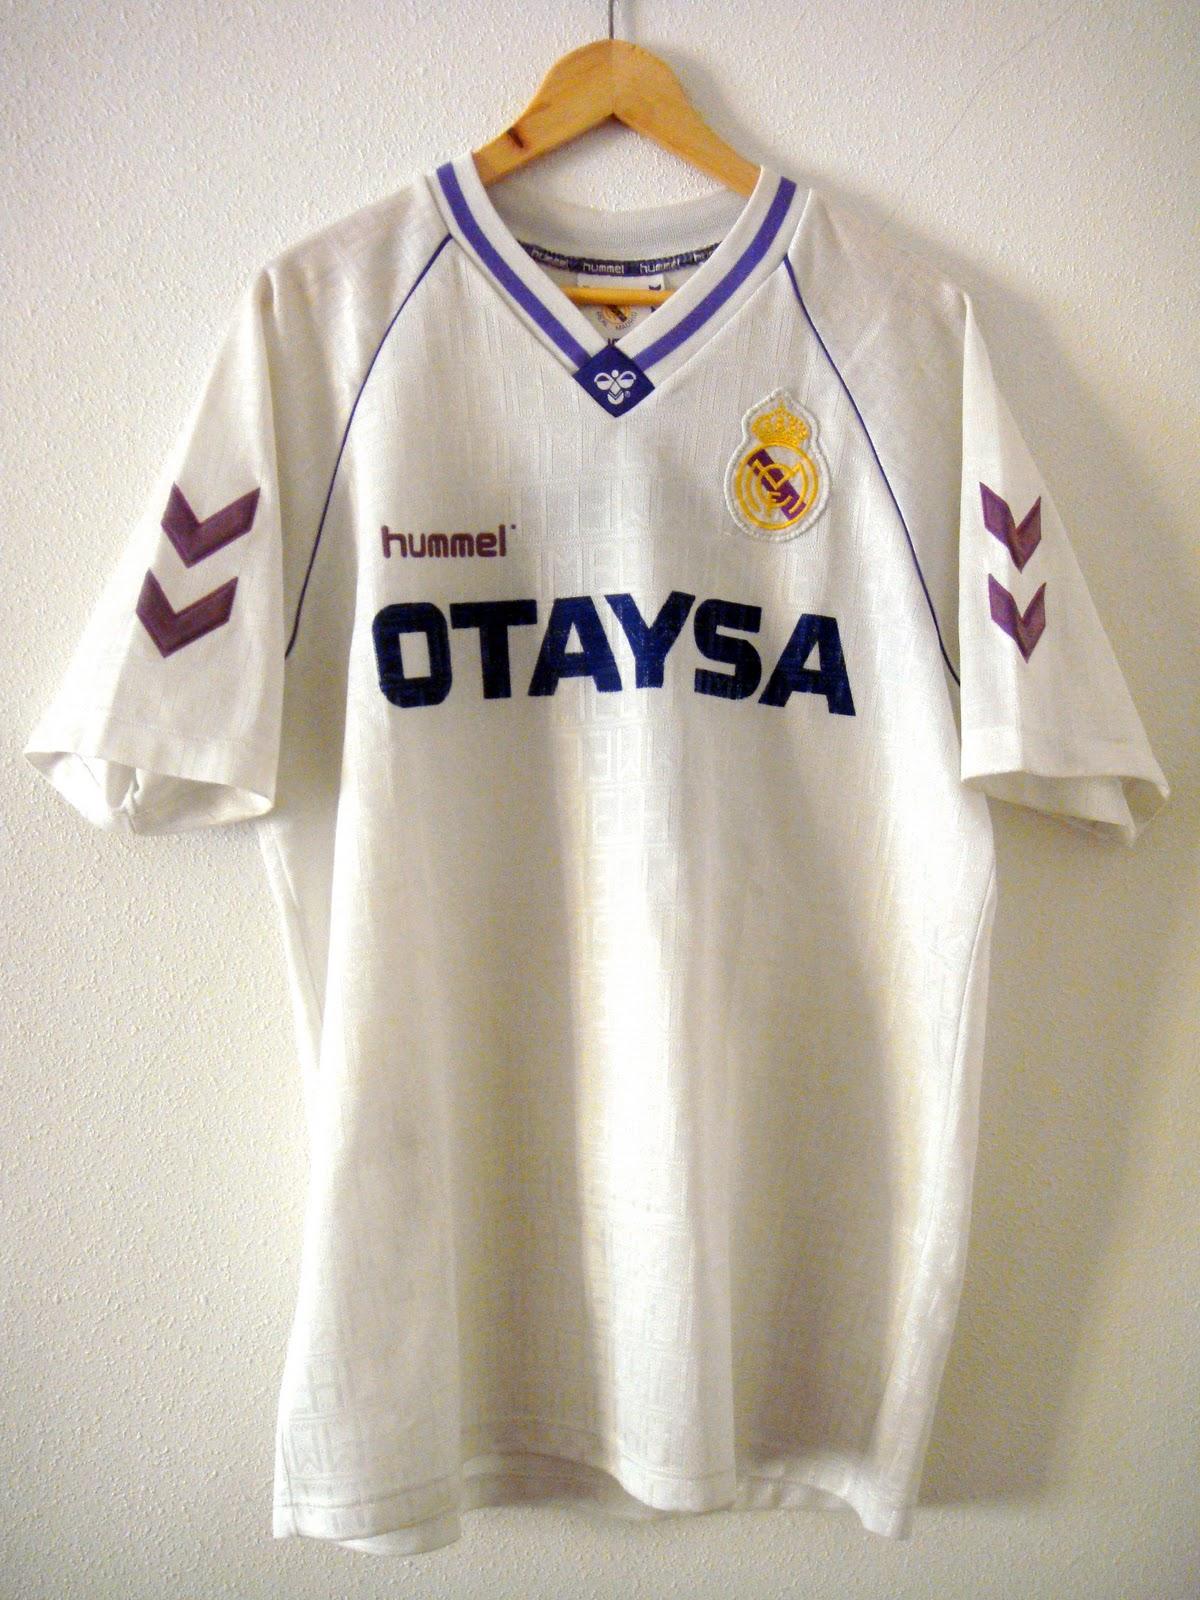 Historias del Real Madrid  HUMMEL 836de0c849d9a